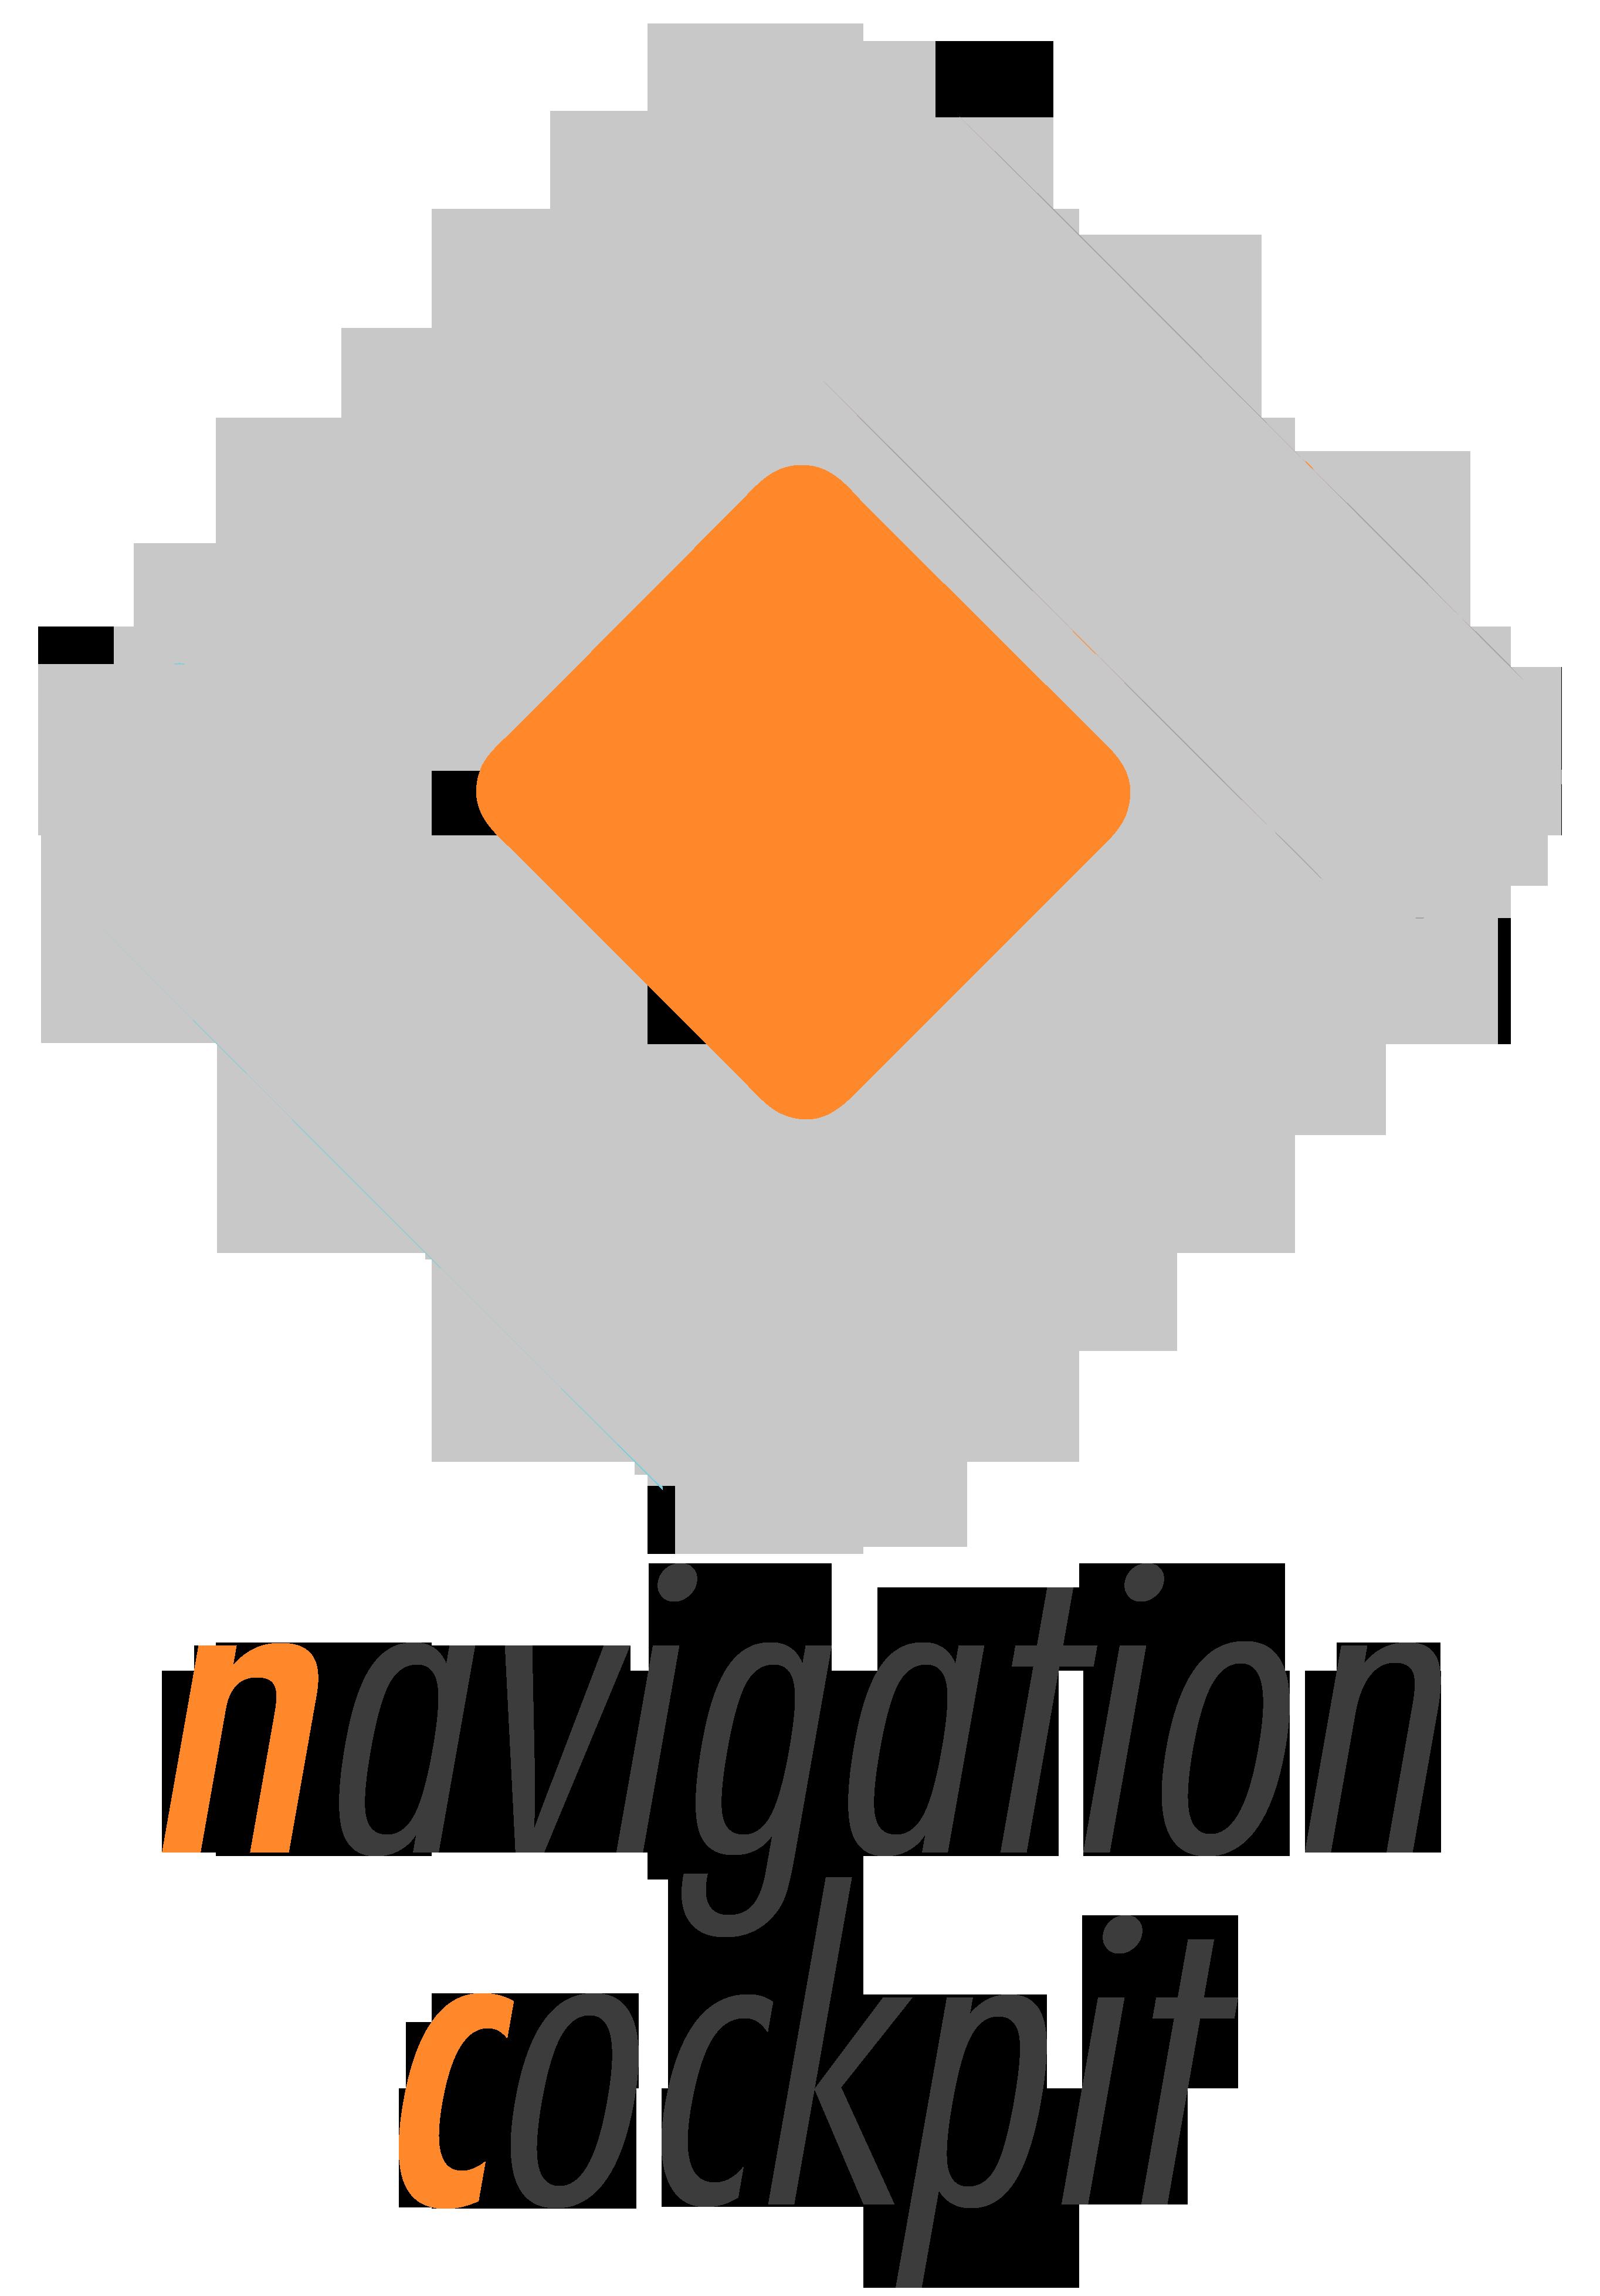 navigation-cockpit